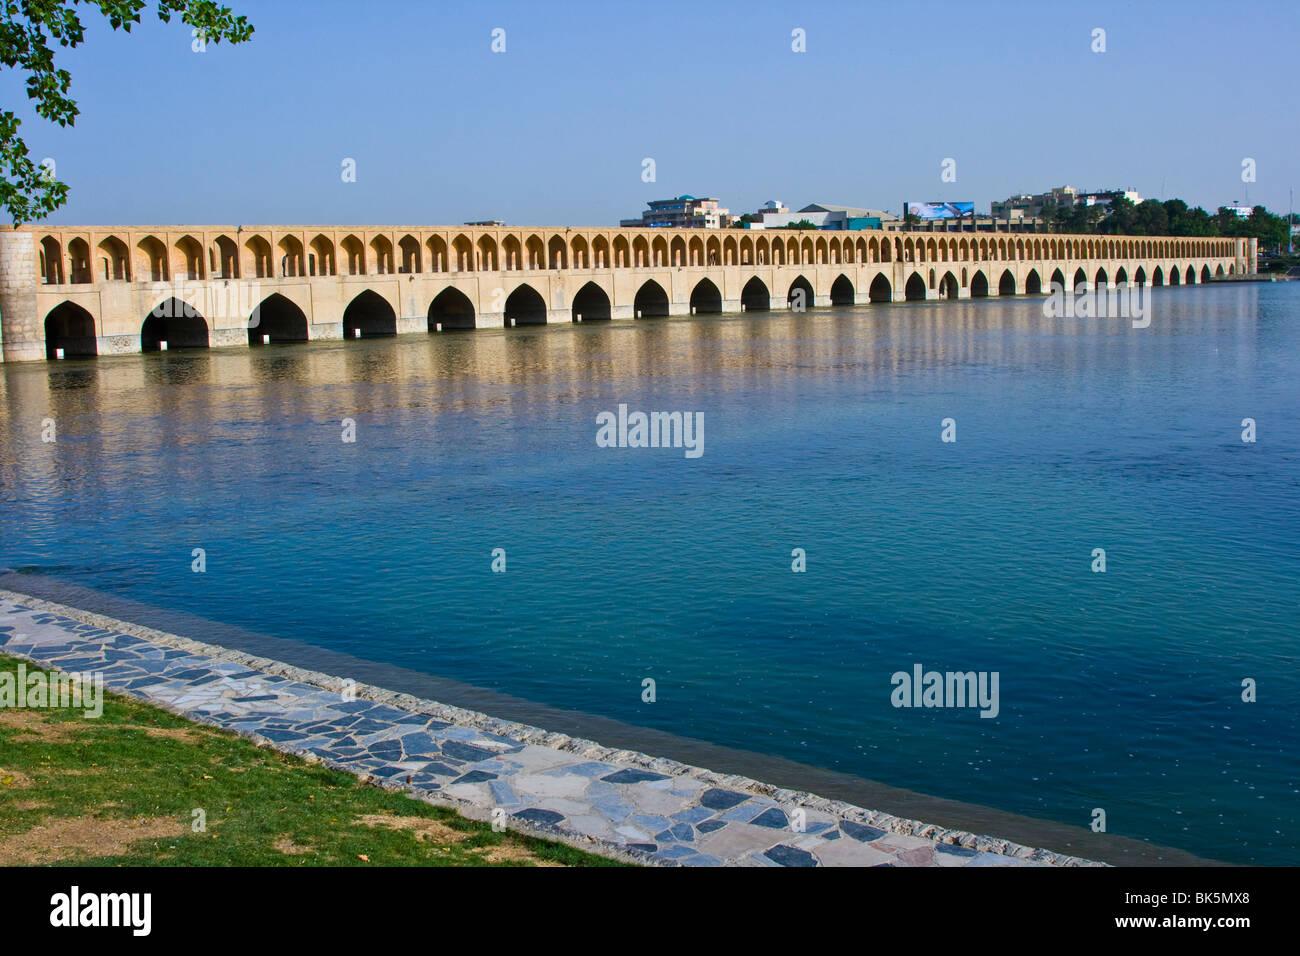 Si-O-se d'un pont ou pont de 33 arches d'Ispahan en Iran Photo Stock